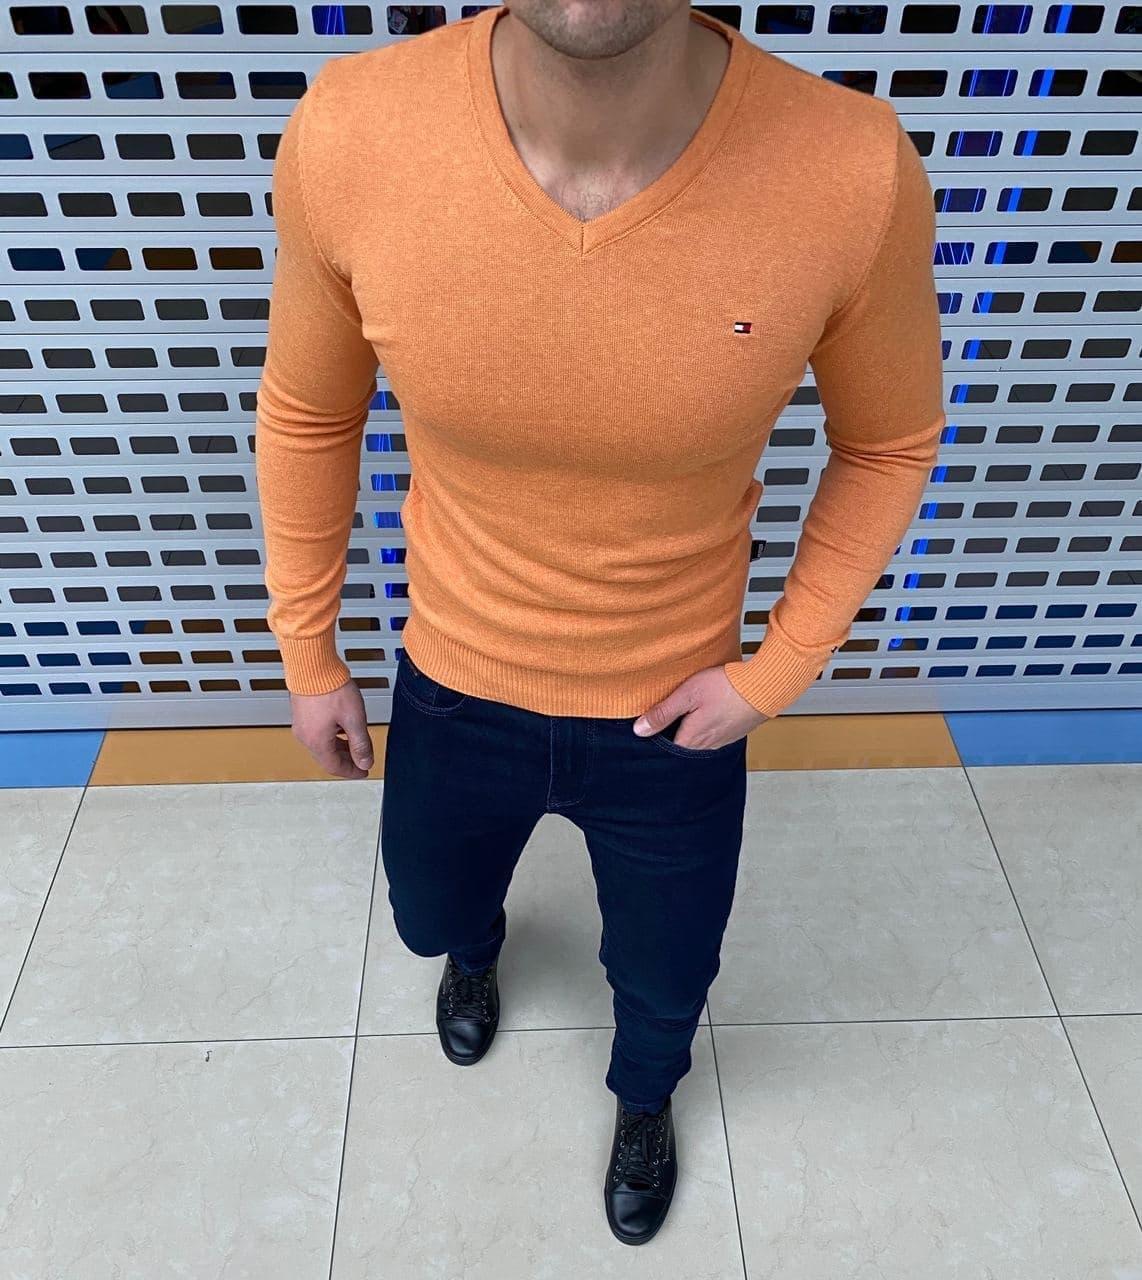 Мужская кофта Tommy Hilfiger H1134 оранжевая